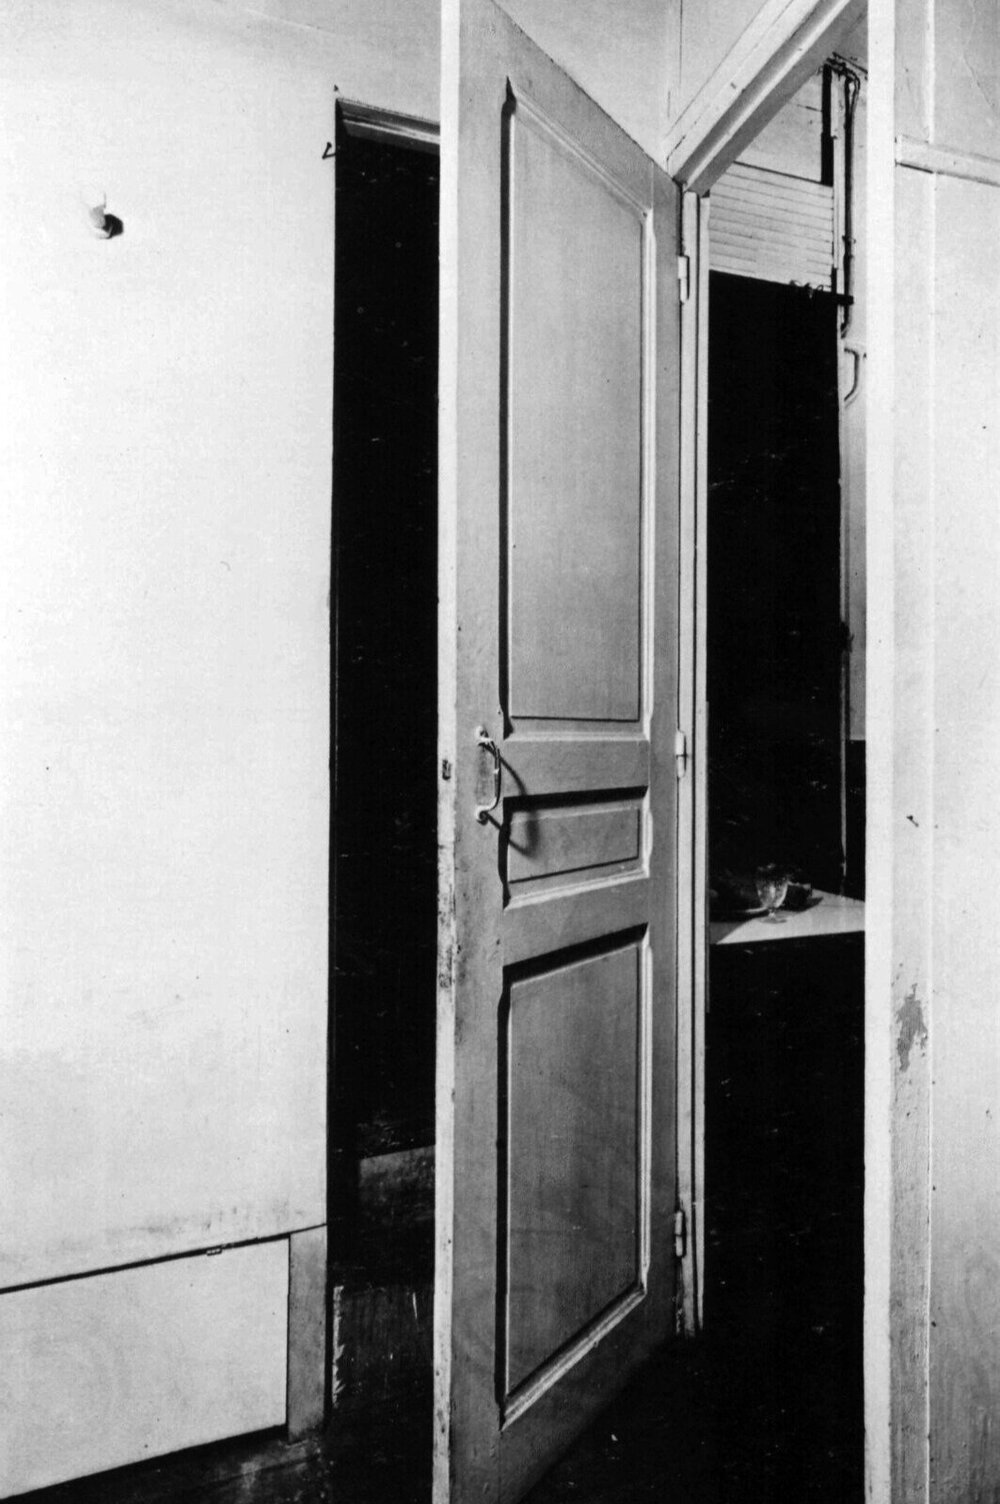 Door: 11 Rue Larrey, 1927 ©artnews  У Дюшана також було почуття гумору, цей ready-made він зробив у вигляді певного порталу.Одні двері слугували одразу для двох проходів, людина могла закрити одну кімнату, тим самим відкриваючи інший, і жодного не можна було закрити одночасно